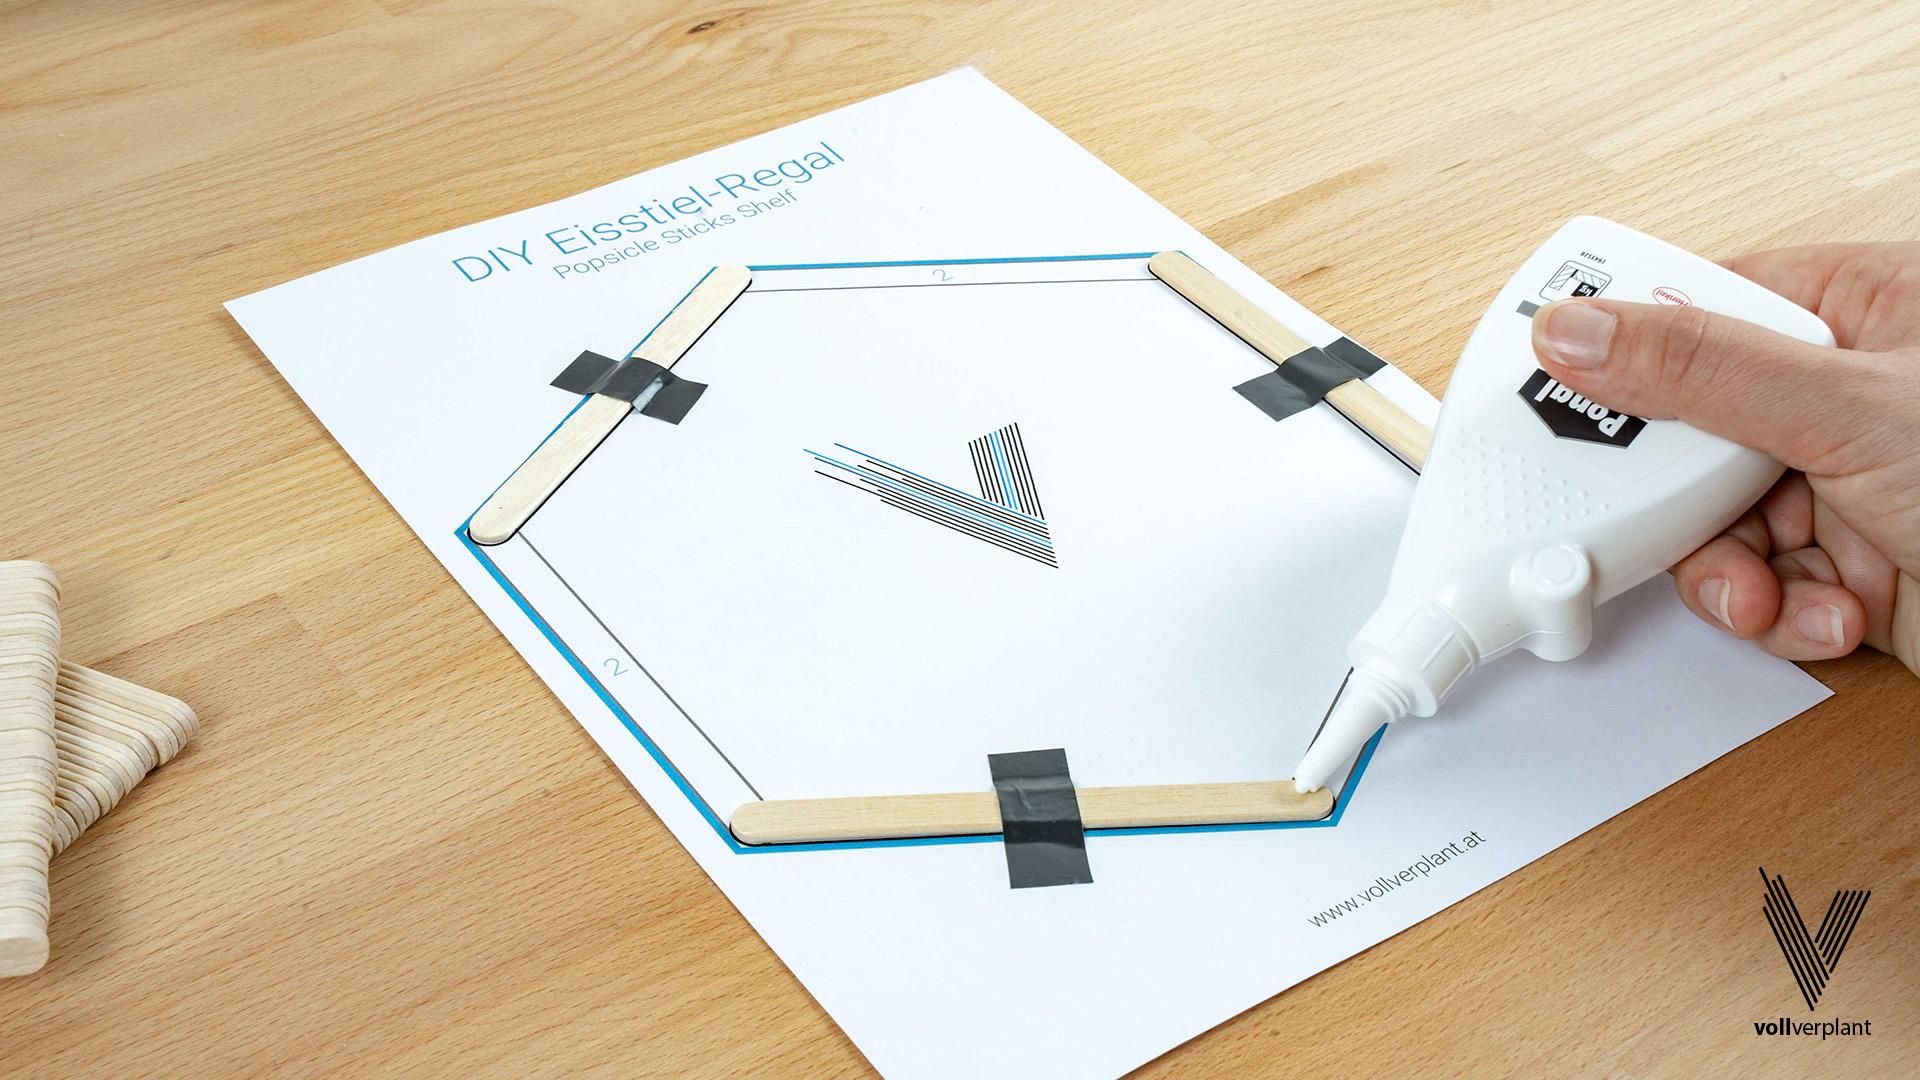 DIY Hexagon Regal aus Eisstielen - Holzleim aufbringen - vollverplant.at